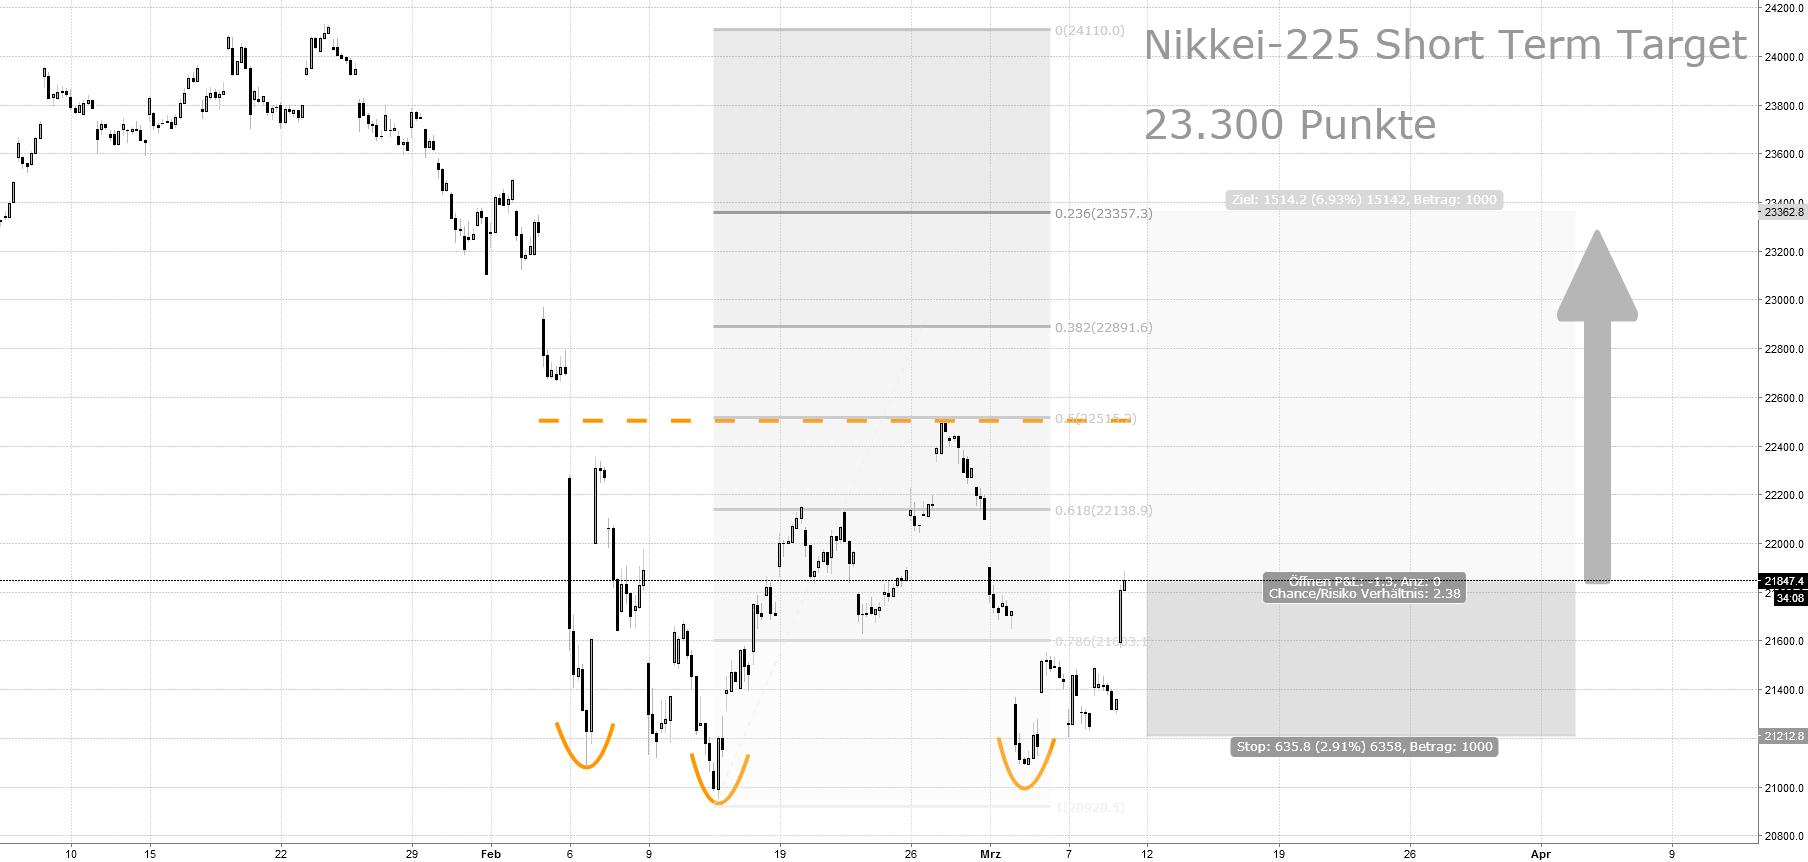 NIKKEI-225-Index: Kurzfristiges Kursziel 23.300 Punkte